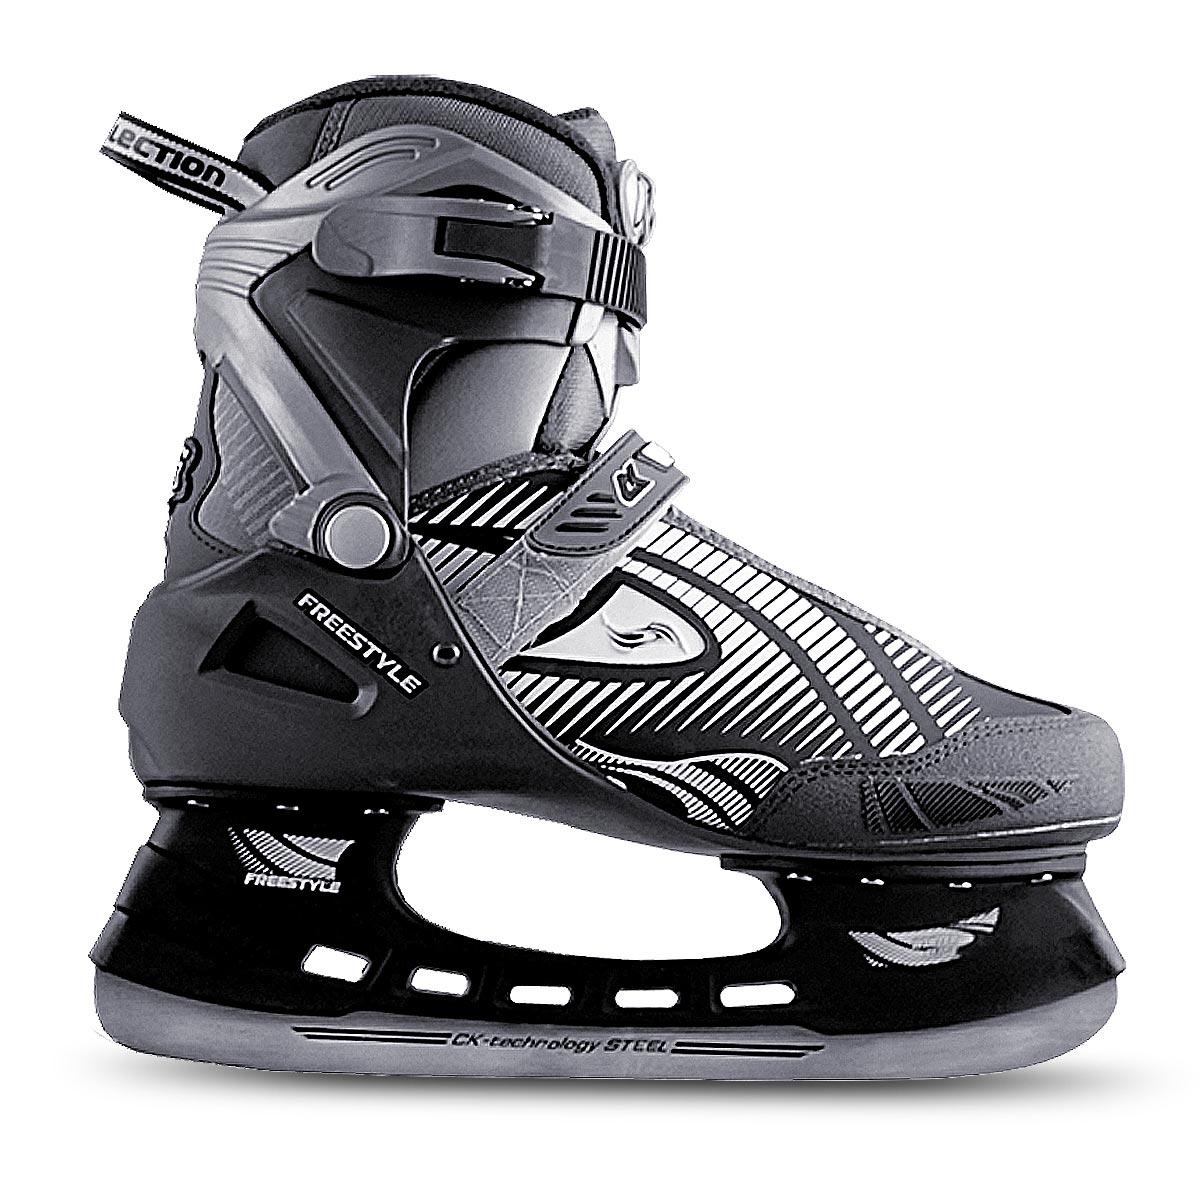 CK Коньки хоккейные мужские Freestyle